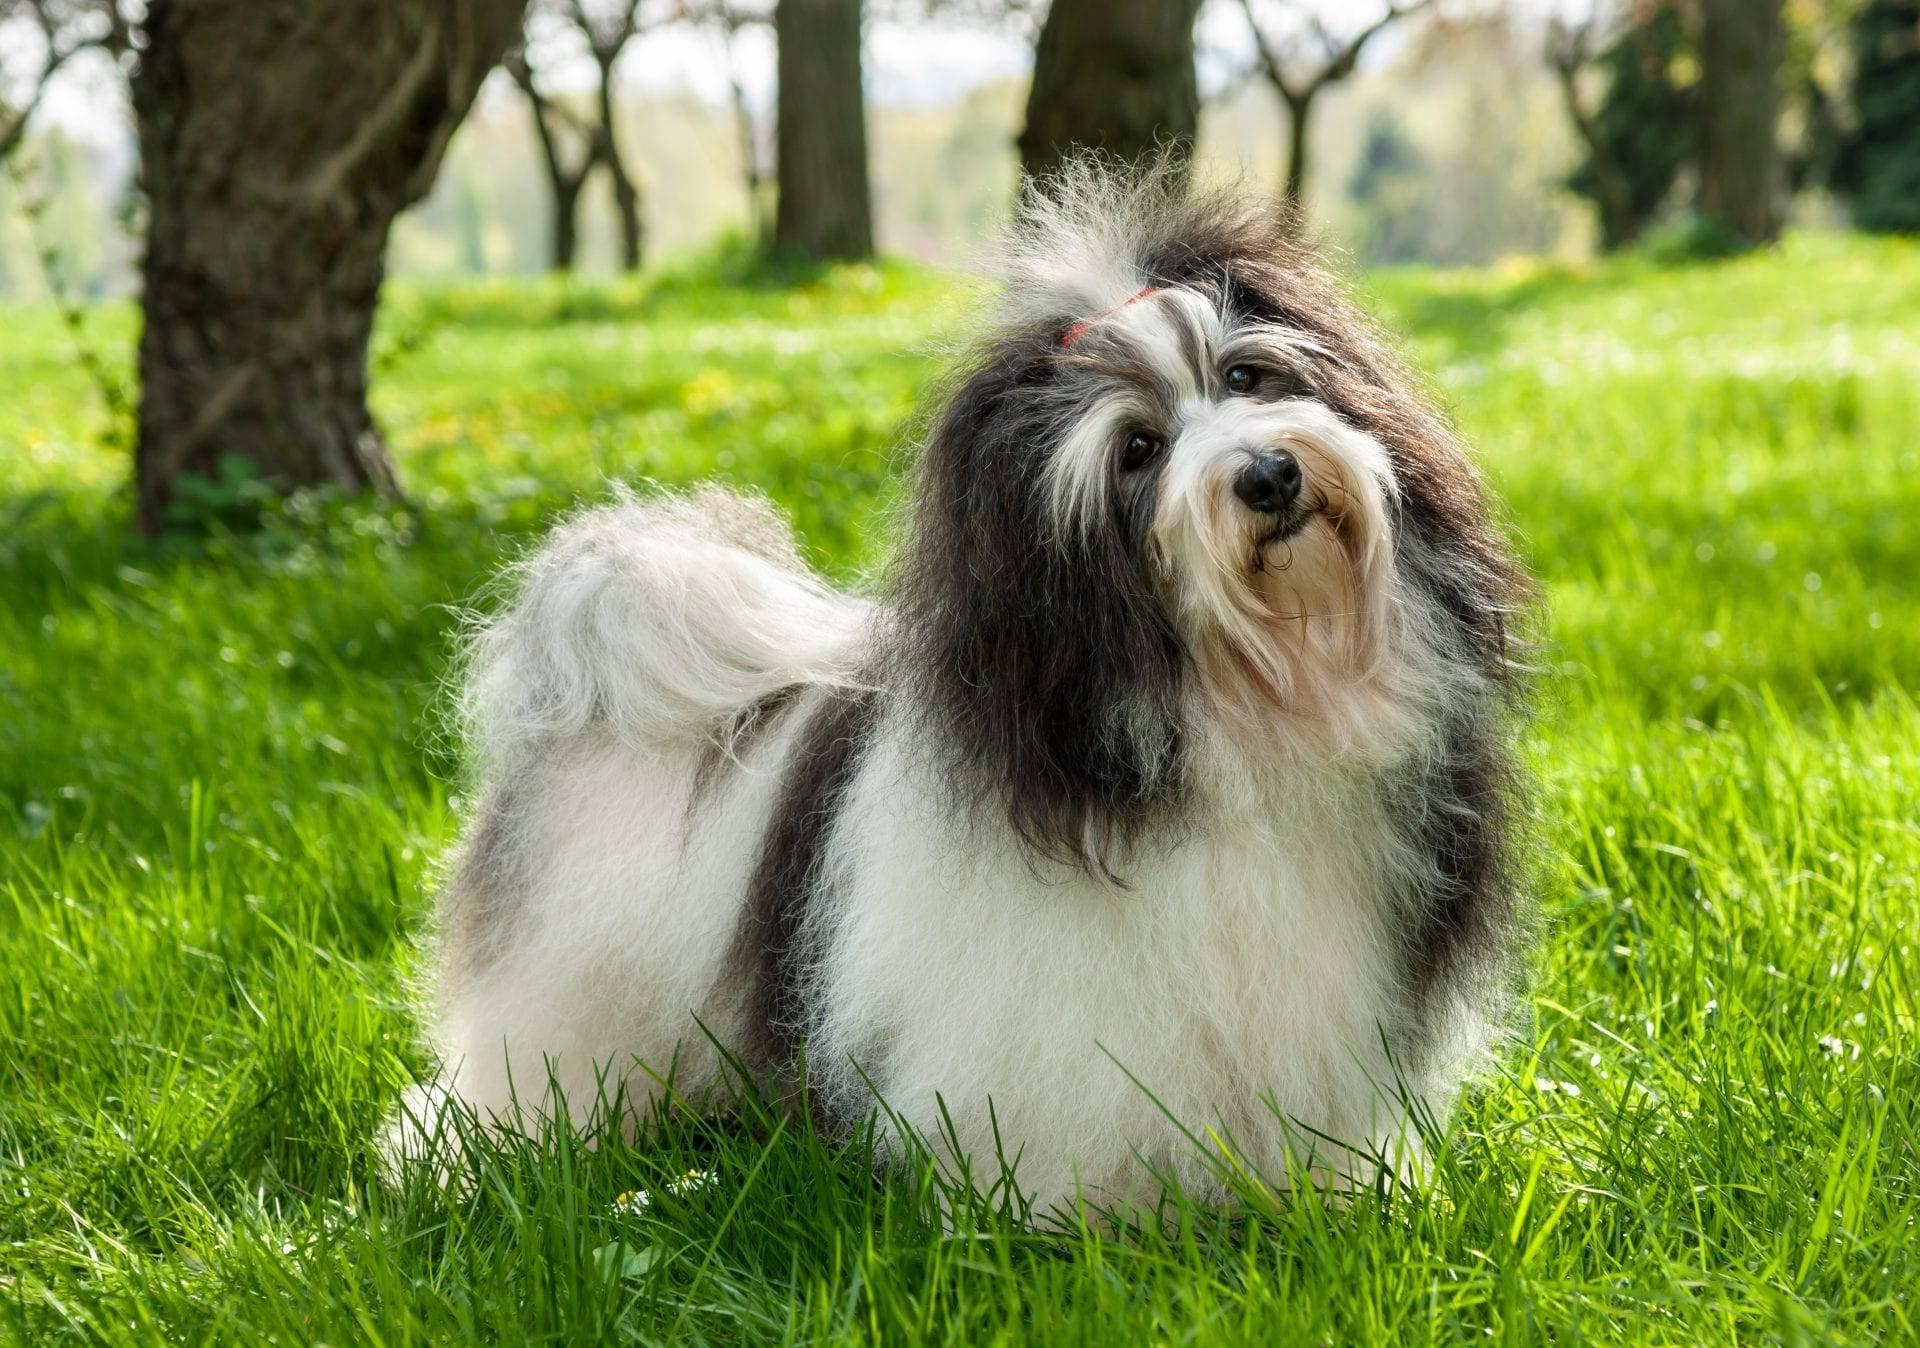 Гаванский бишон — миниатюрная собака с длинной шерстью. гаванские бишоны: миниатюрные комнатные собачки родом из жаркой солнечной кубы